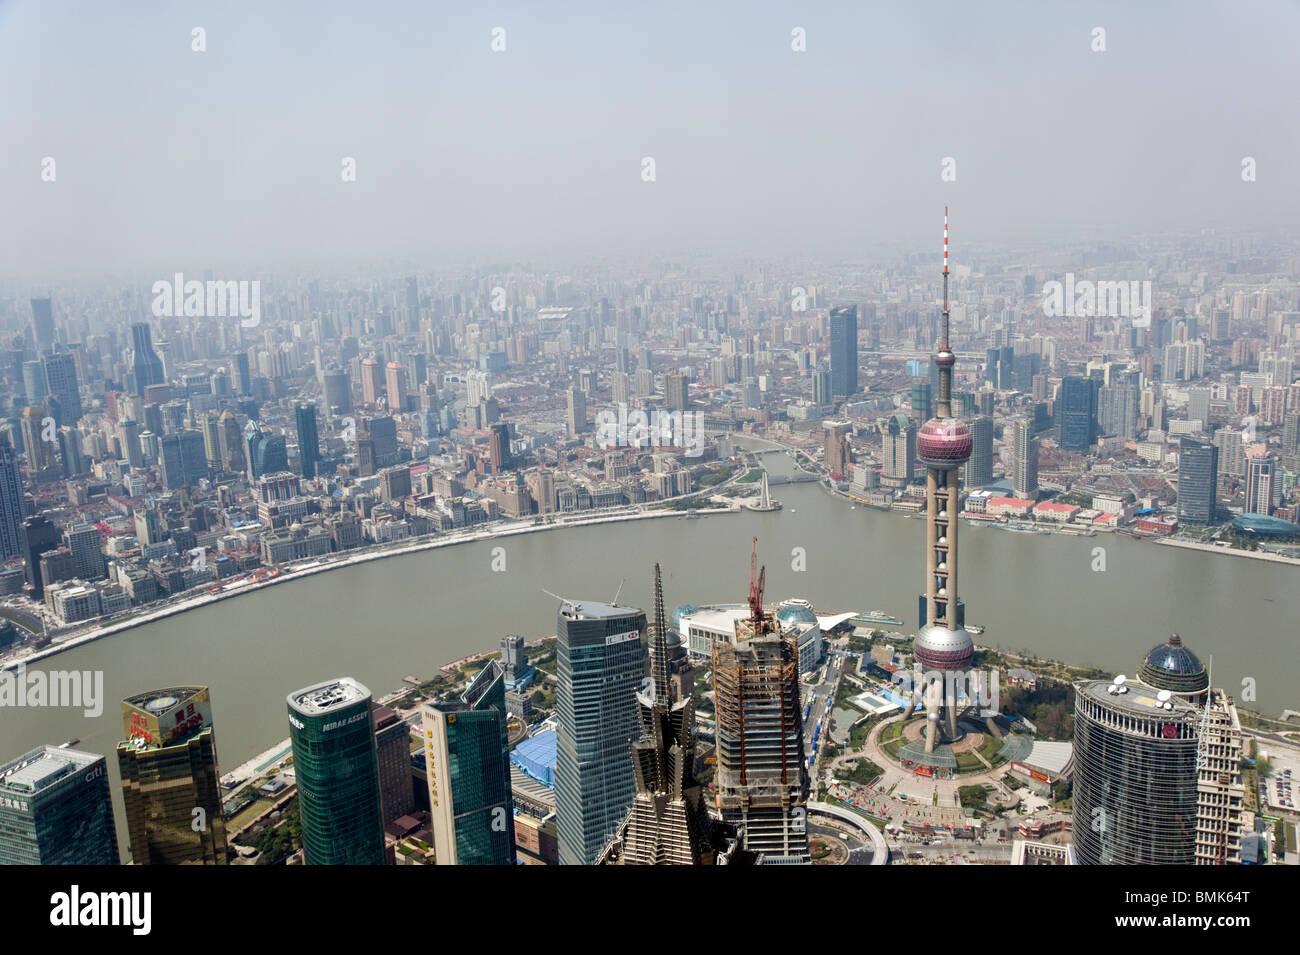 El smog y la contaminación sobre la ciudad vistos desde arriba, Shanghai, China Imagen De Stock